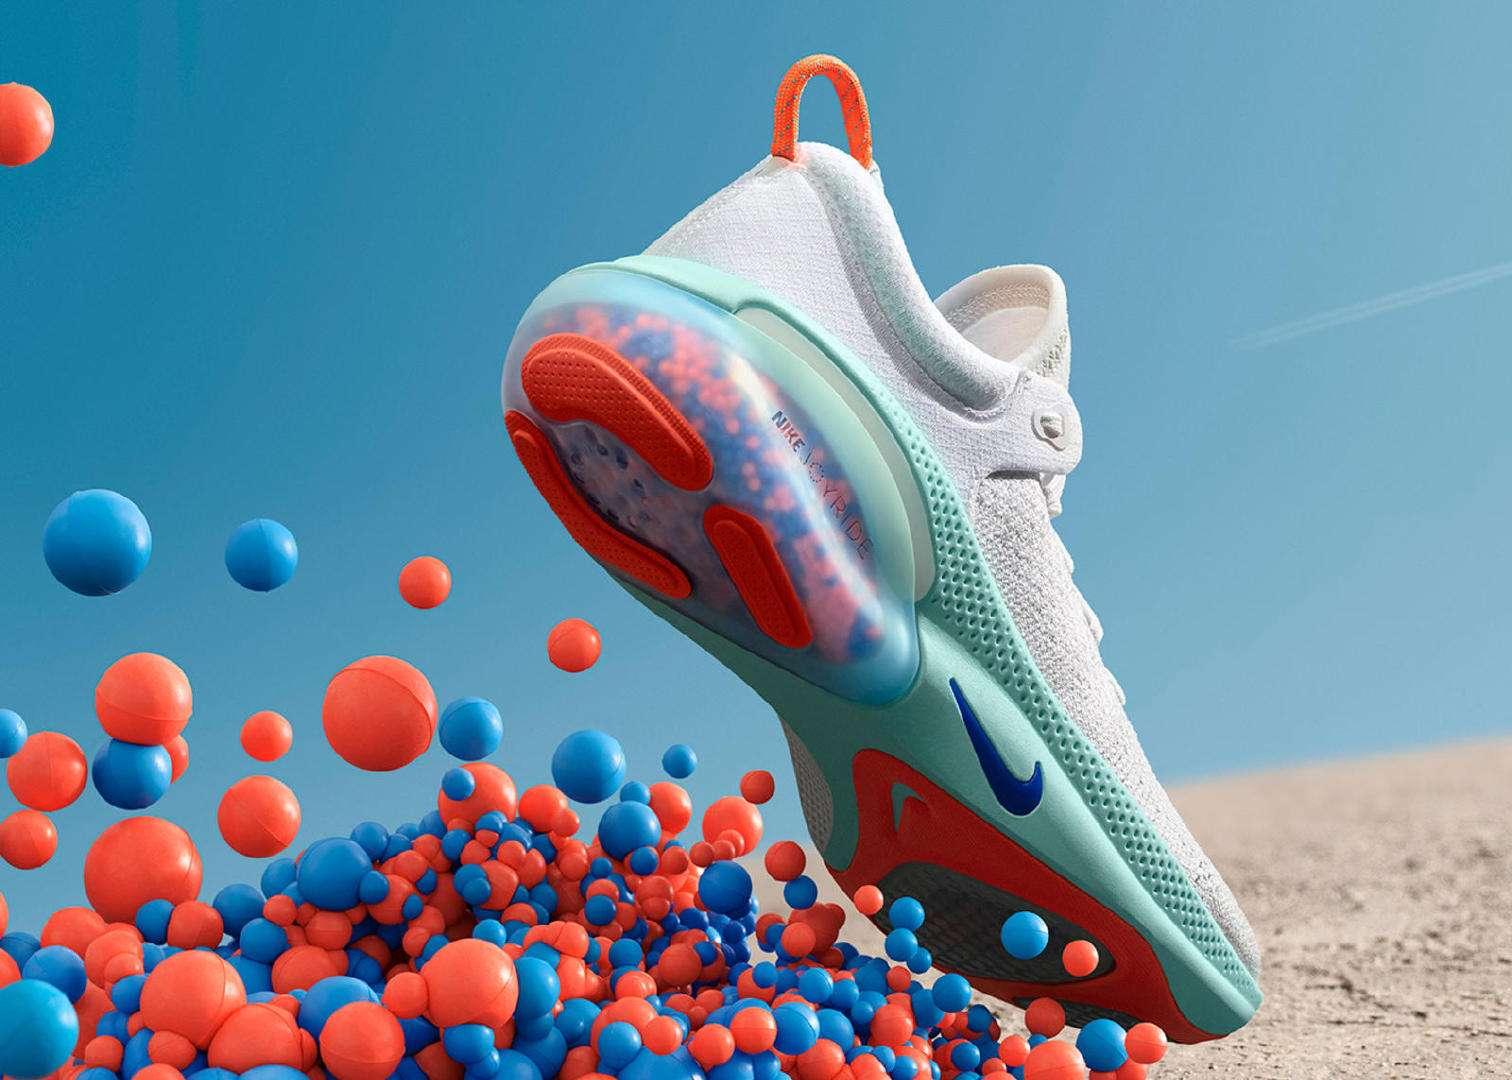 nike,adidas,4d,joyride,on,hoka  十大「脚感王者鞋款」推荐!最软弹、最便宜的都有!还有你没见过的